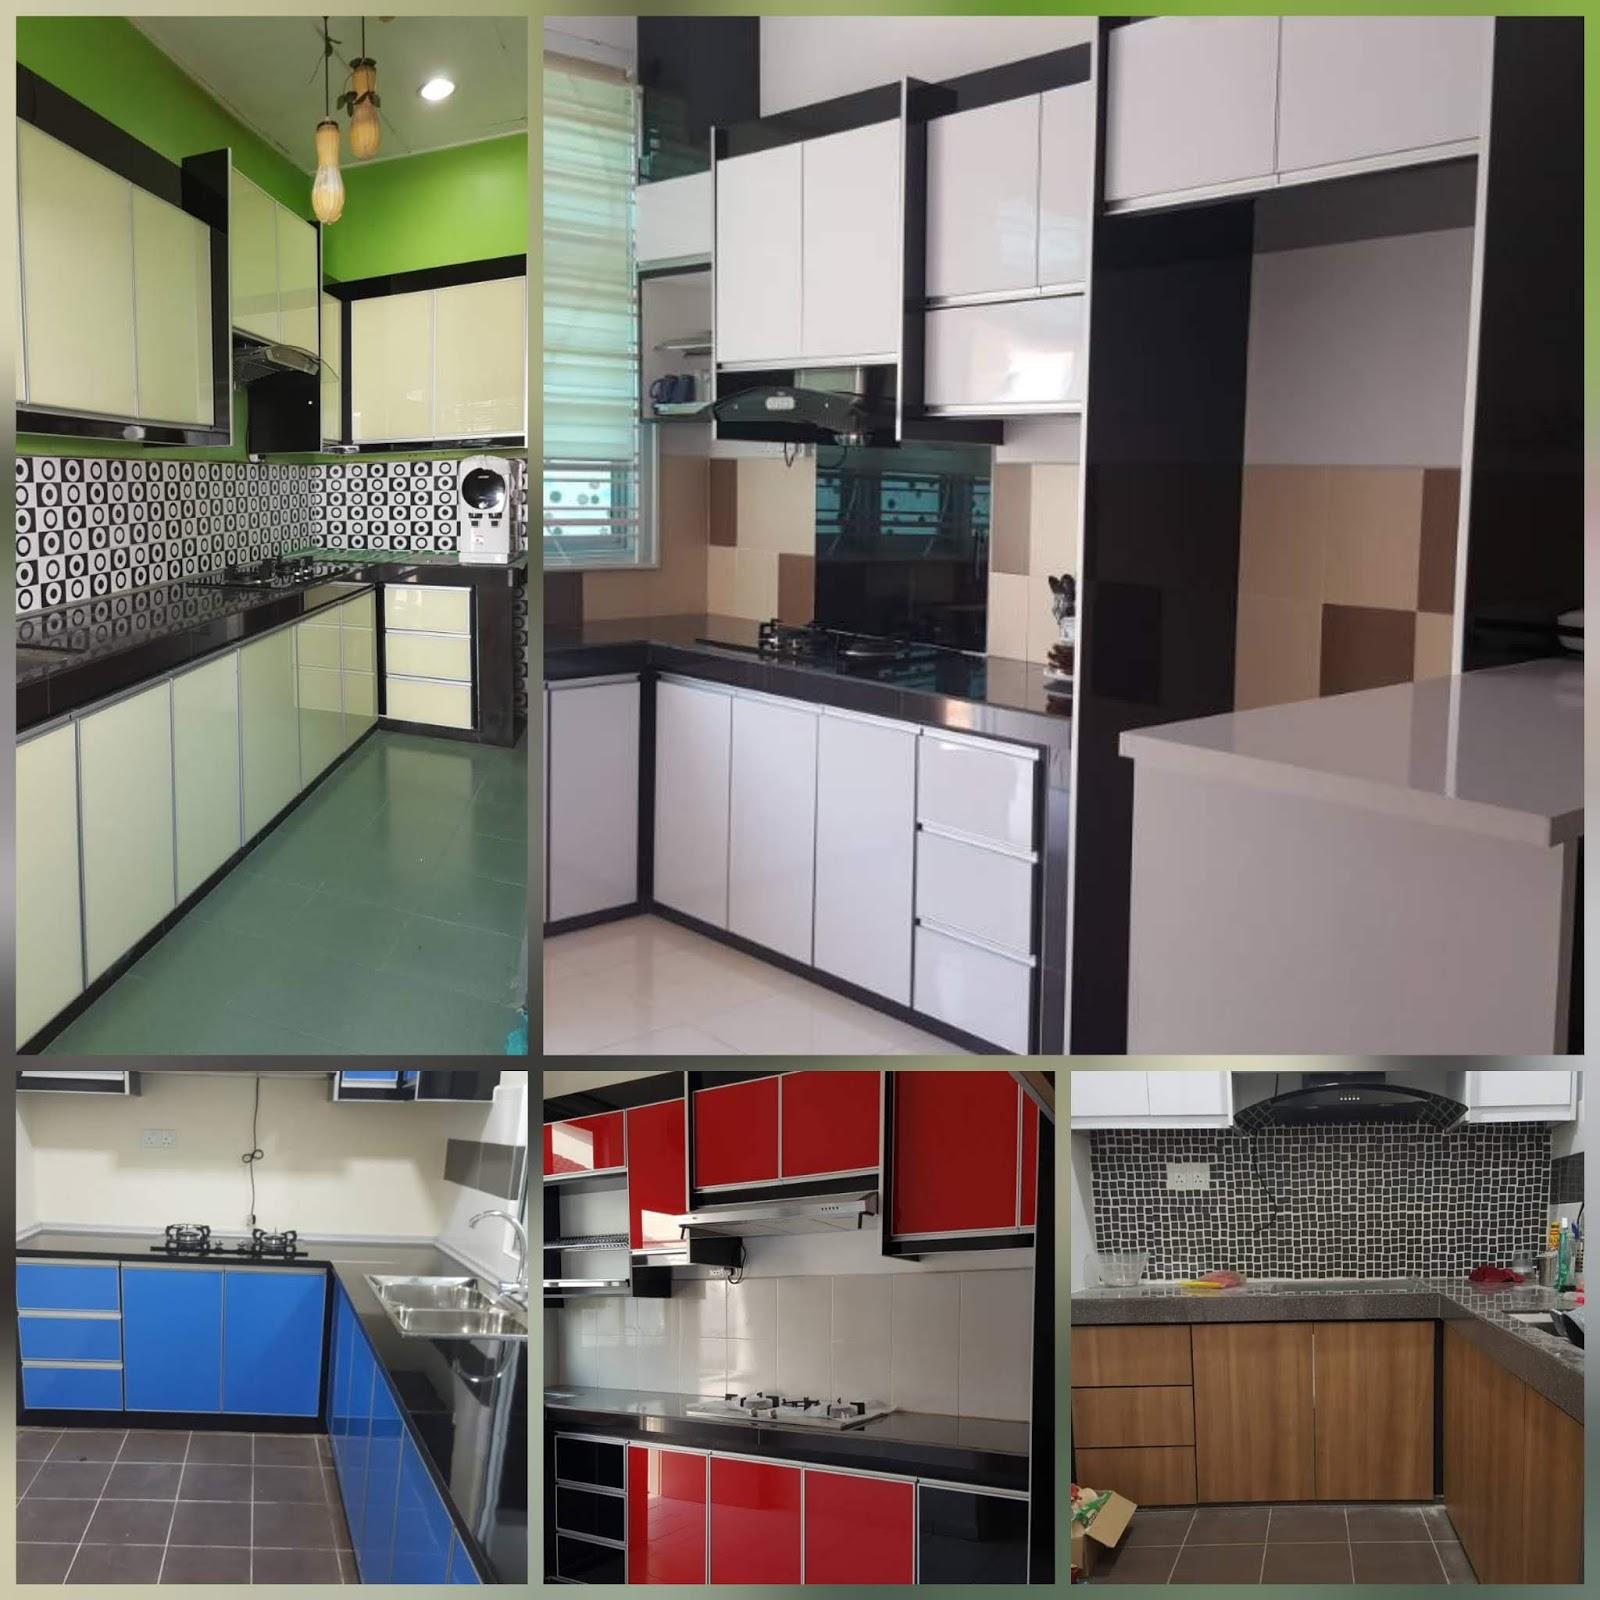 Kabinet Dapur Terus Dari Kilang Promosi Kabinet Dapur 2019